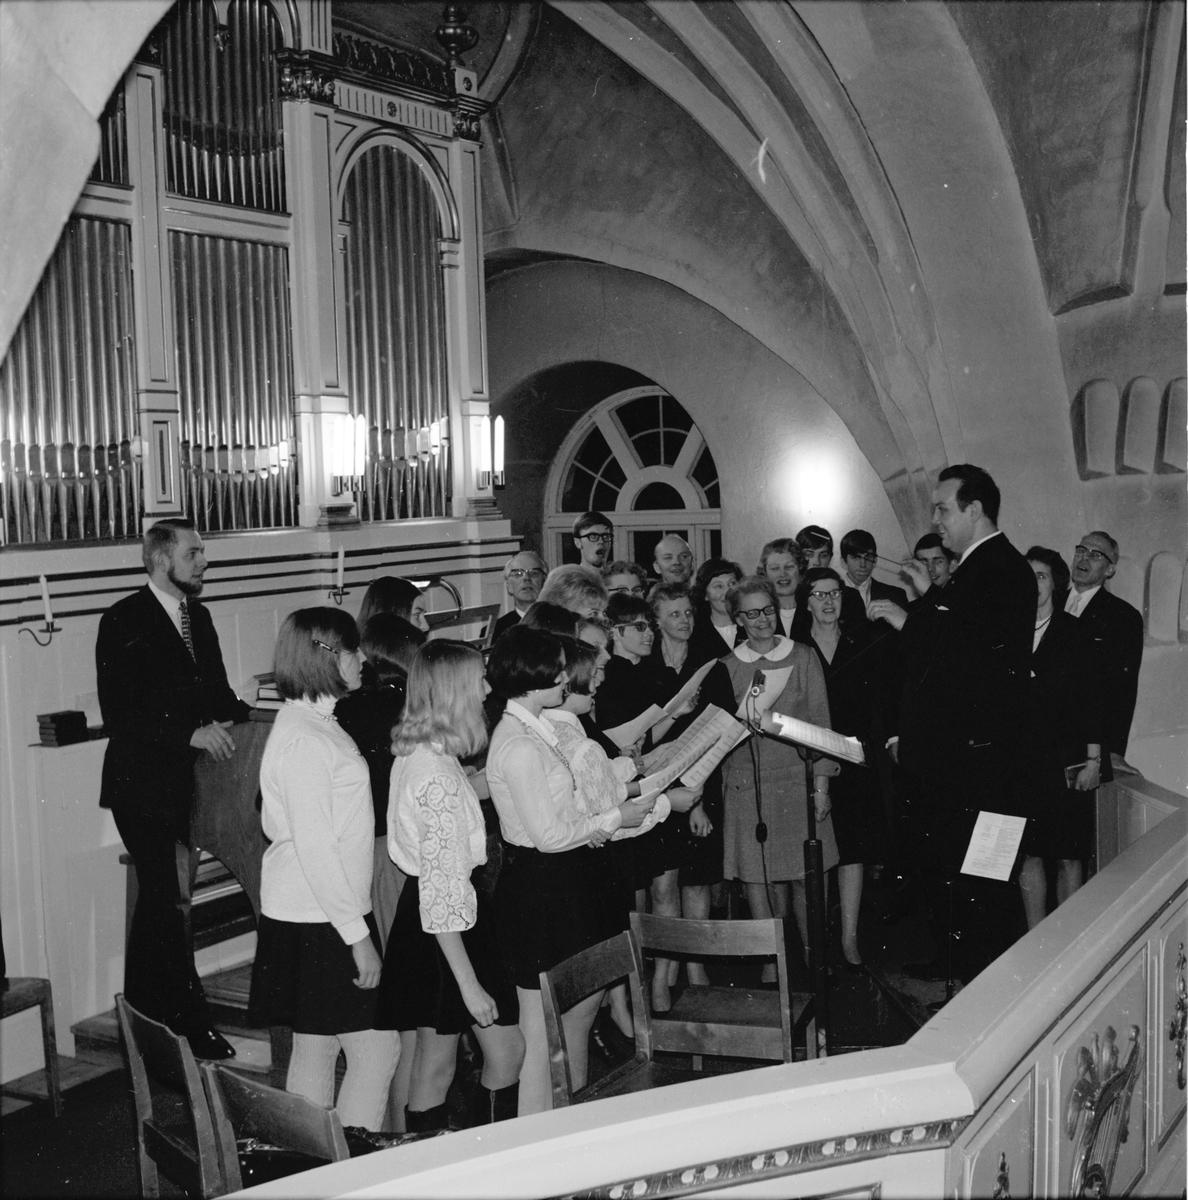 Arbrå, Kyrkokonsert, Musikandakt i Arbrå kyrka, 2 Februari 1969